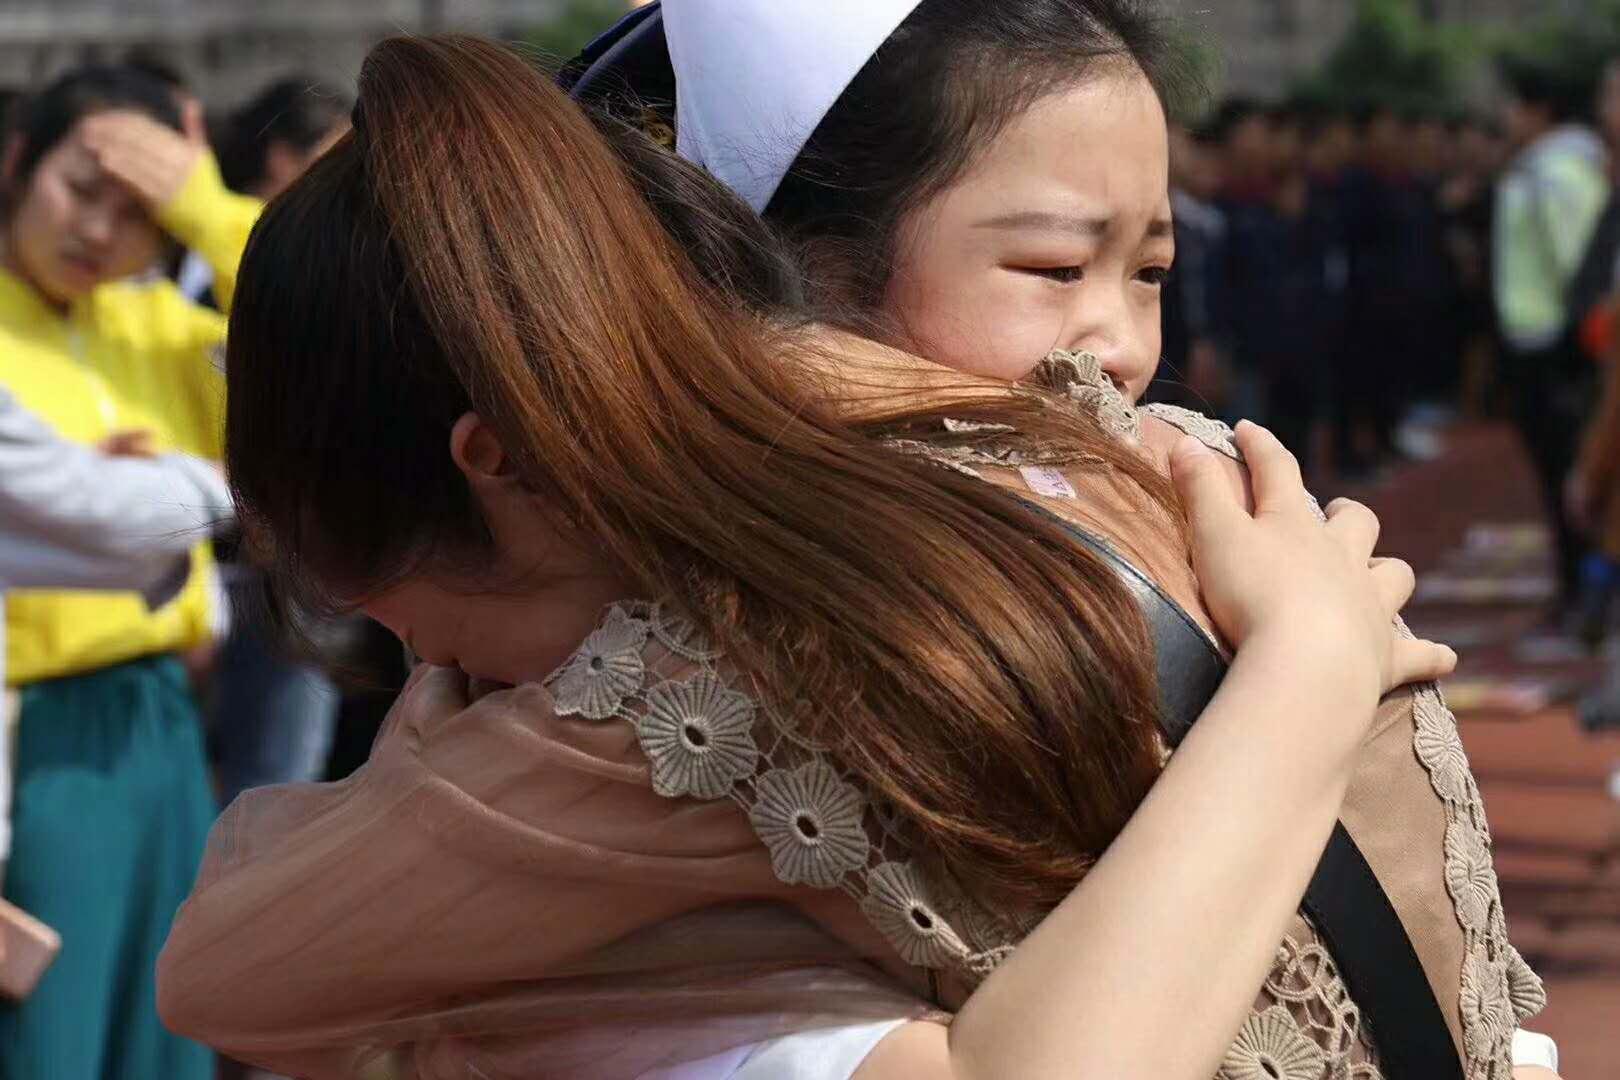 重庆市荣昌区职业教育中心《不要让爱你的人失望》全国巡回演讲